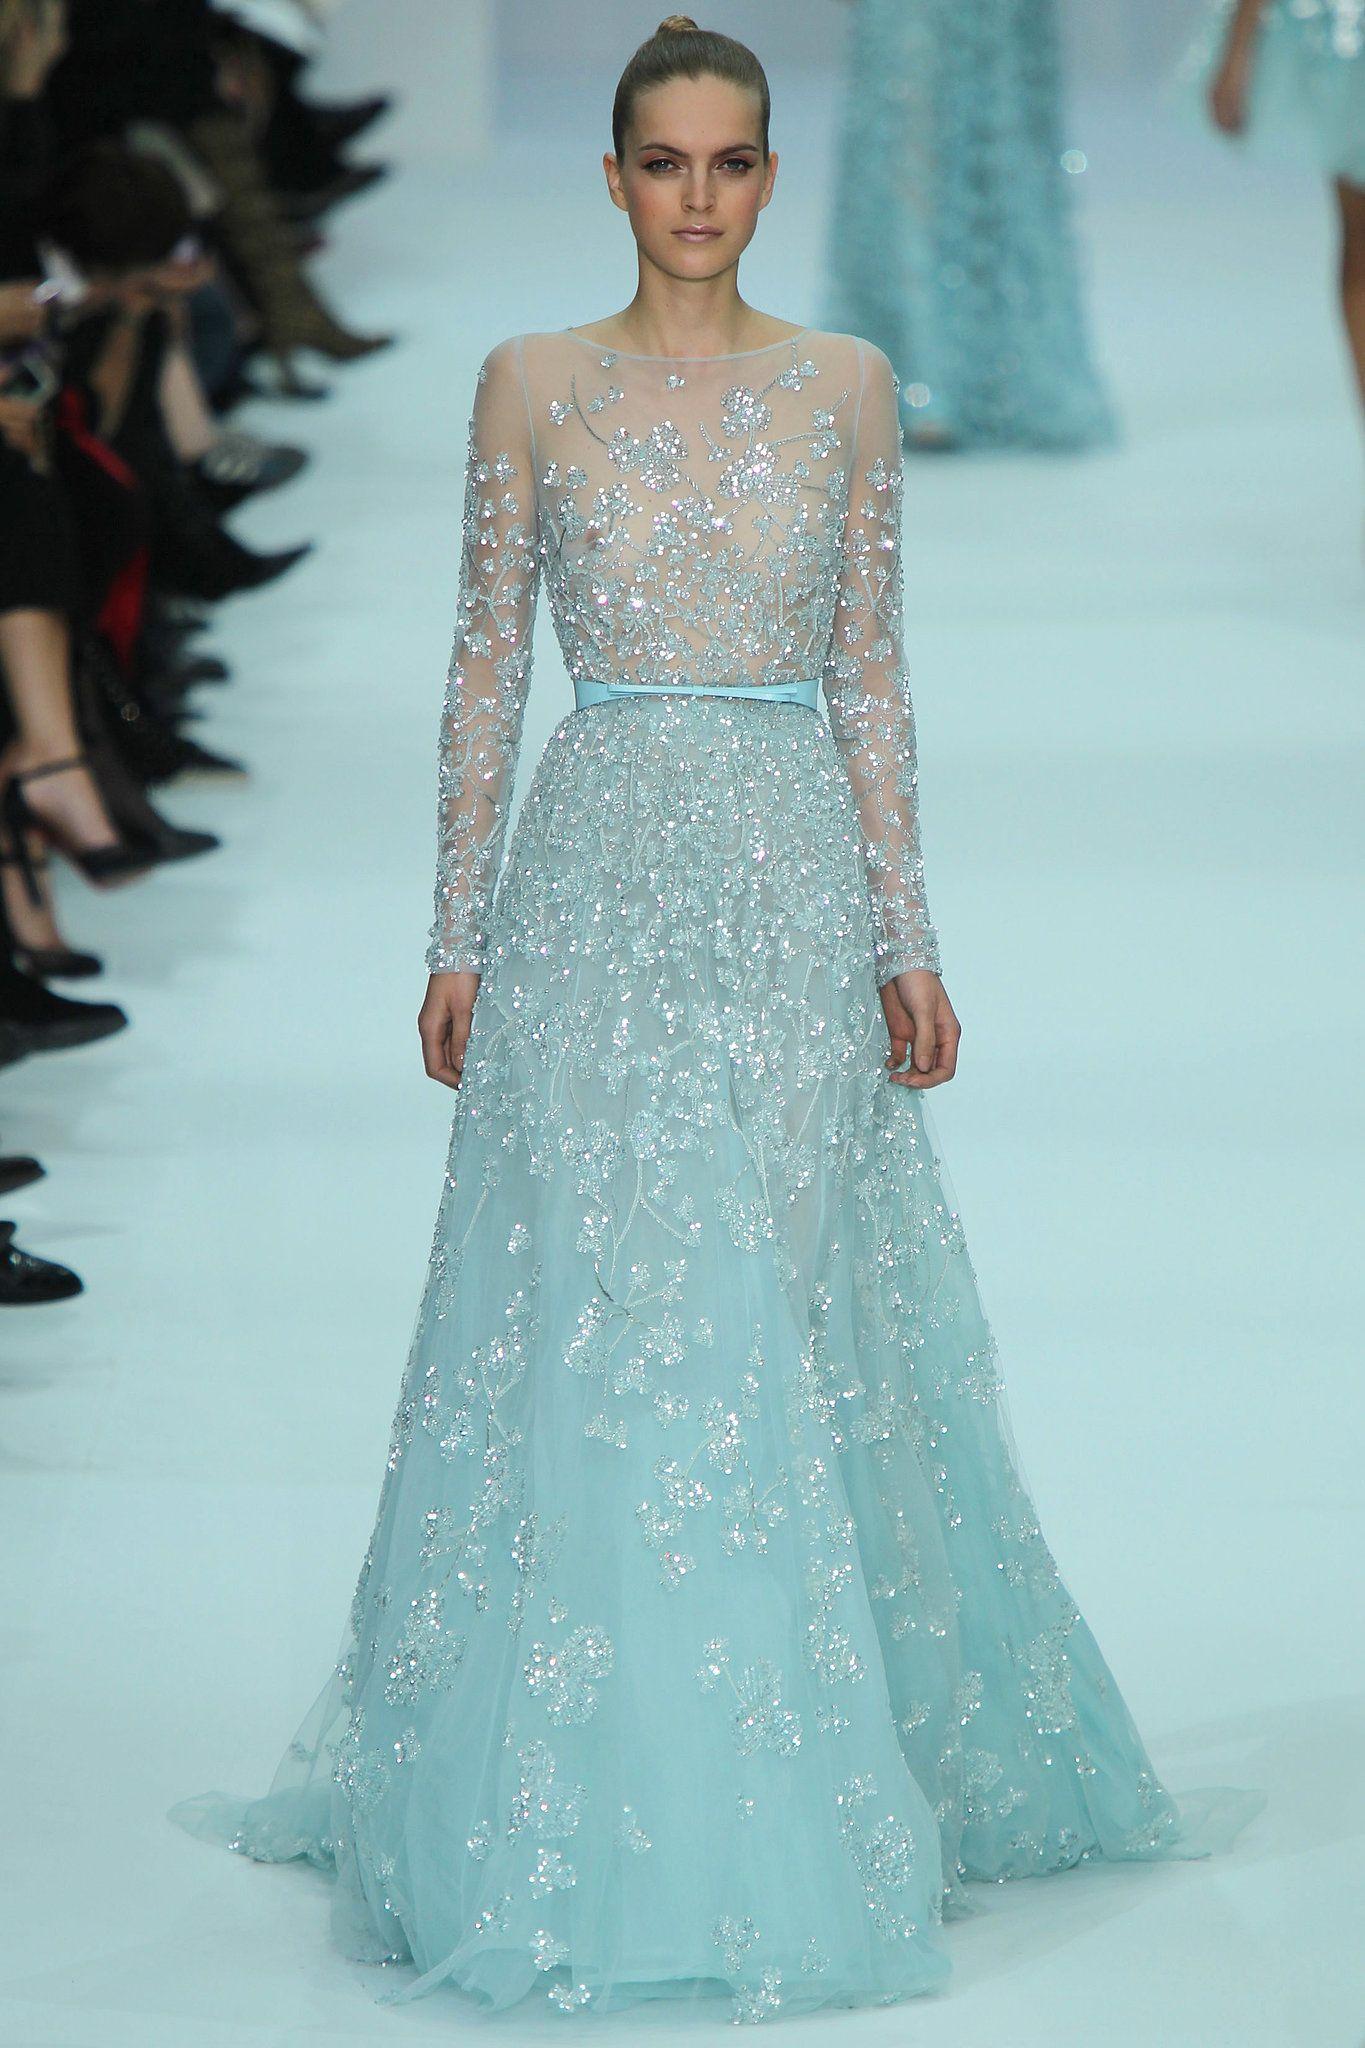 Elsa-inspired wedding gown by Elie Saab. #frozen #wedding